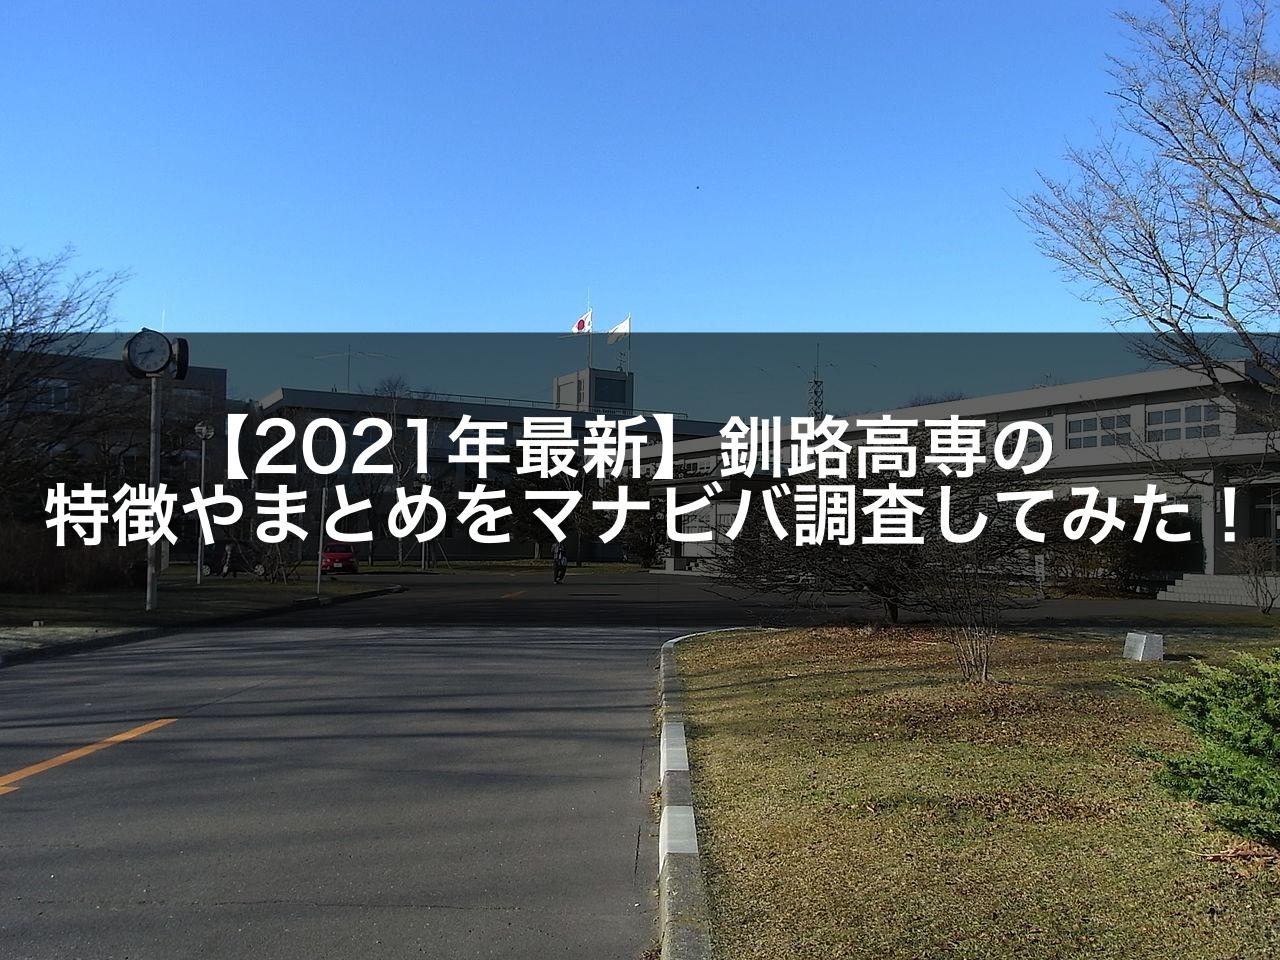 【2021年最新】釧路高専の特徴やまとめをマナビバ調査してみた!